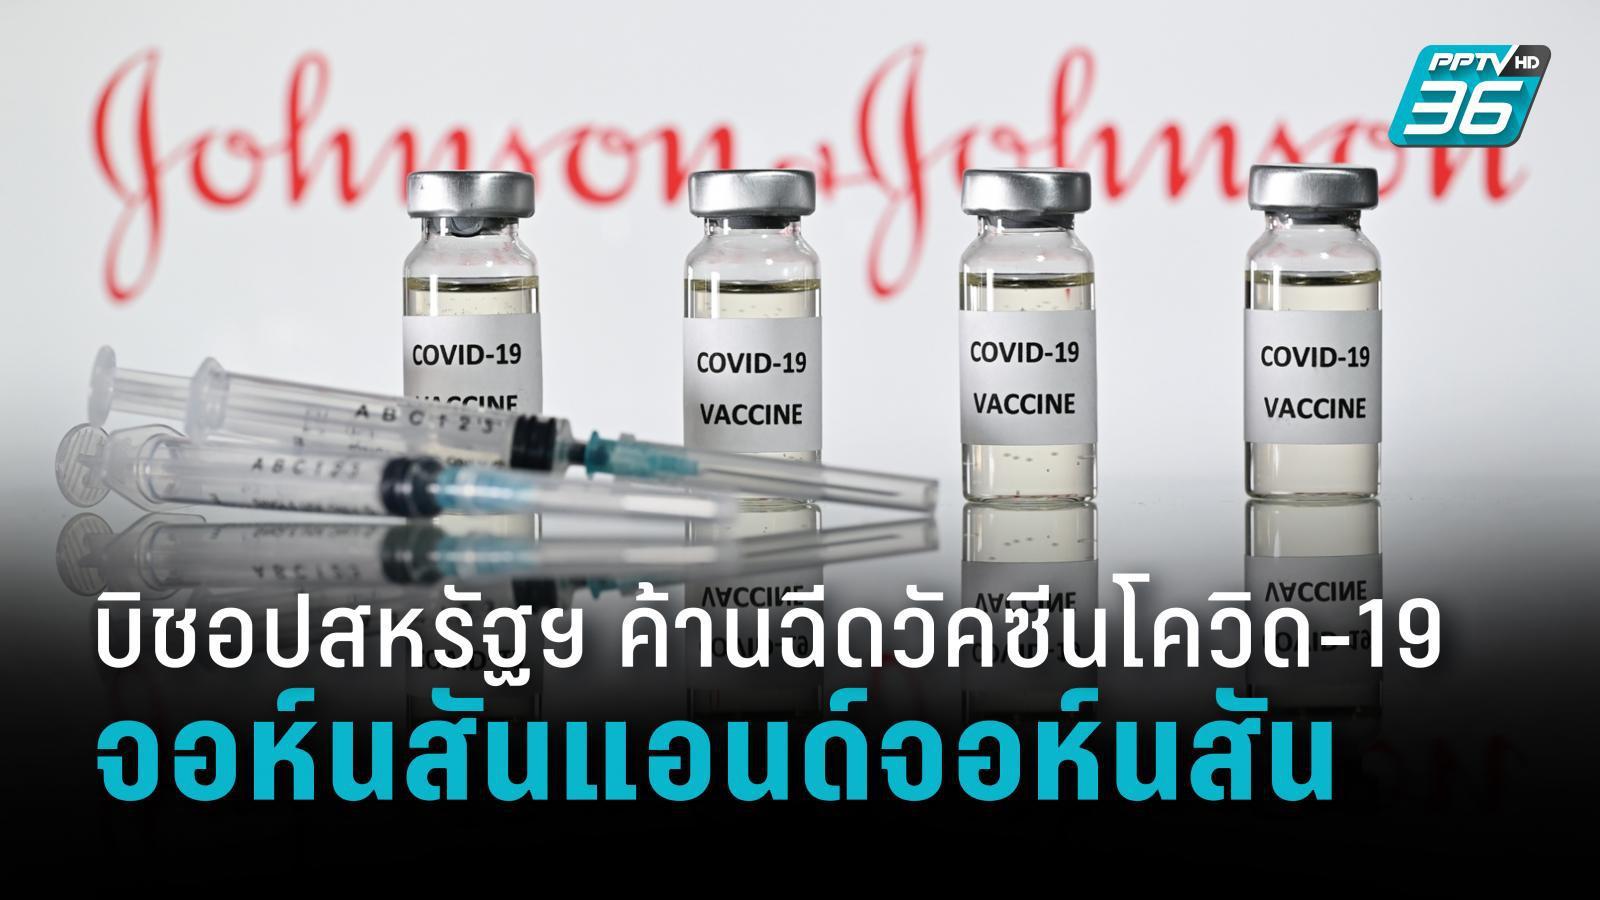 บิชอปสหรัฐฯ เตือนชาวคาทอลิก อย่าฉีดวัคซีนโควิด-19 จอห์นสันแอนด์จอห์นสัน